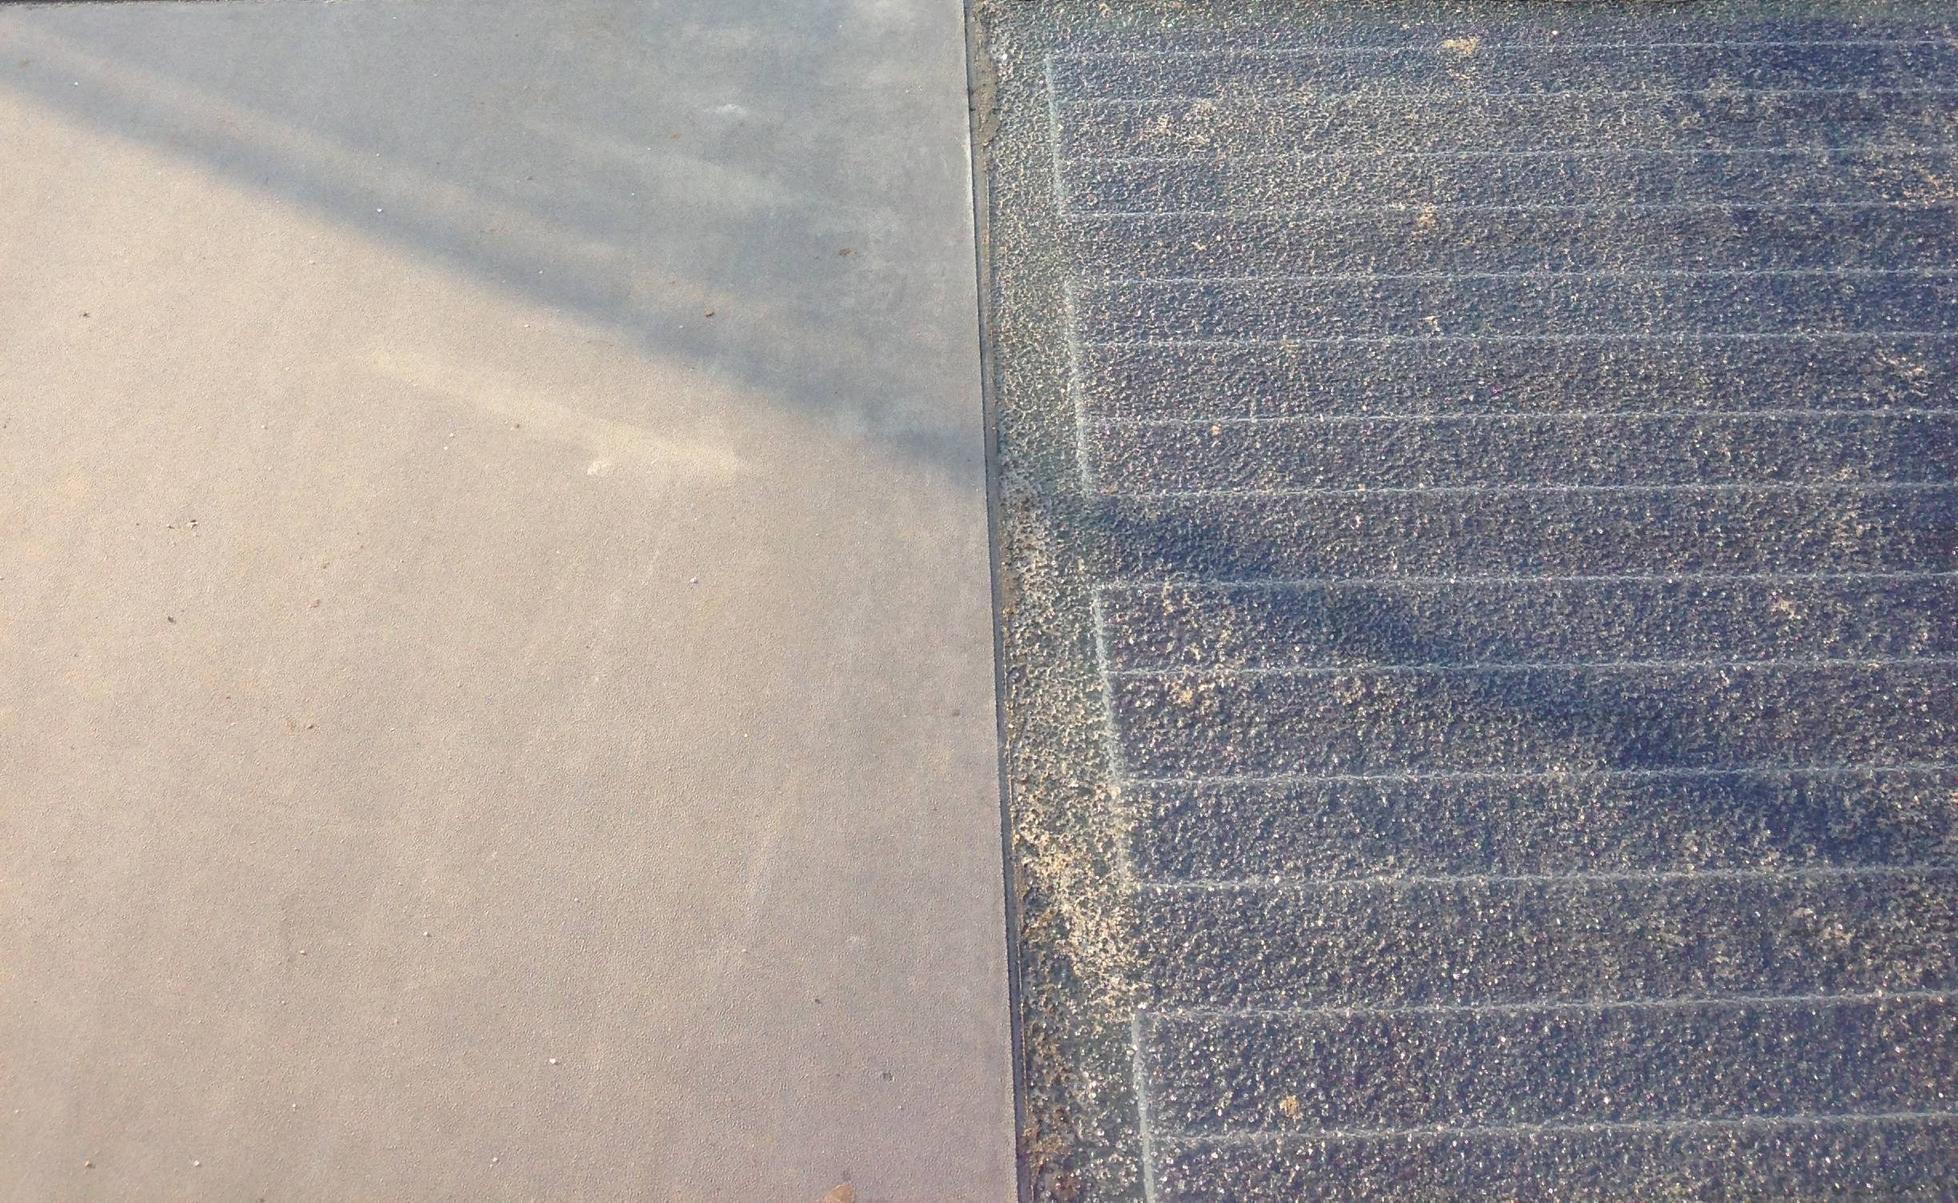 SolarRoadComparison